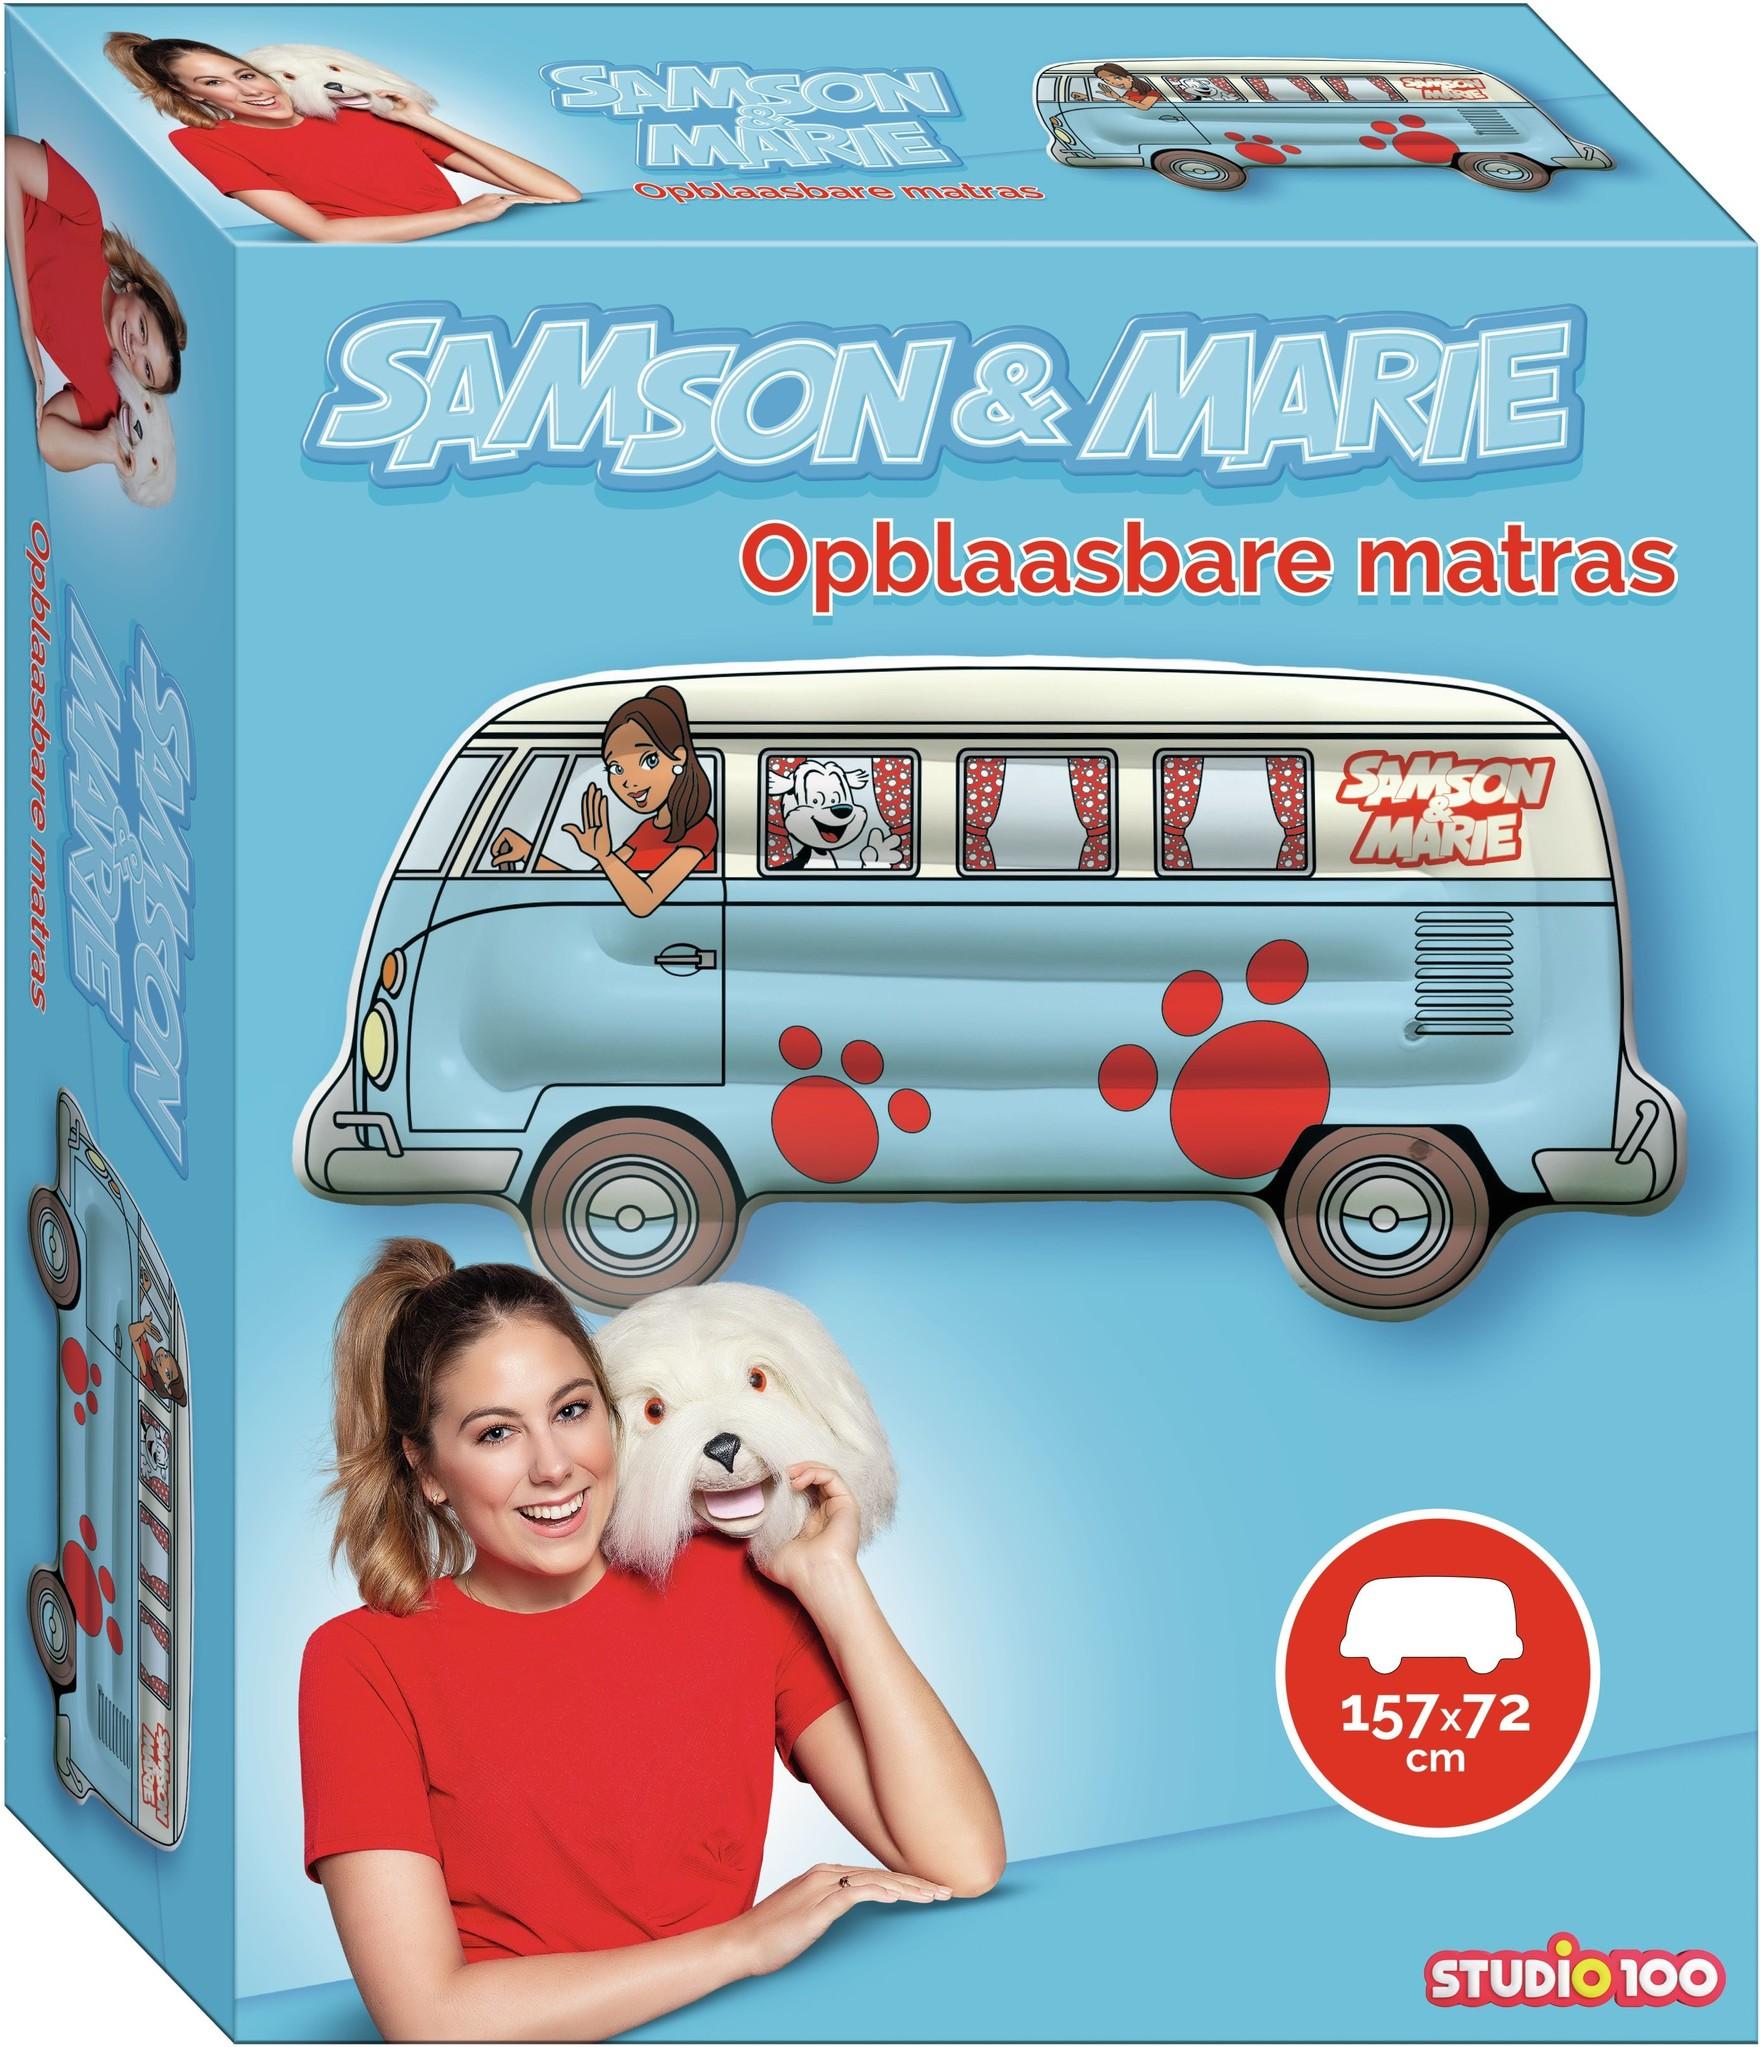 Samson & Marie matelas pneumatique: 157x72 cm